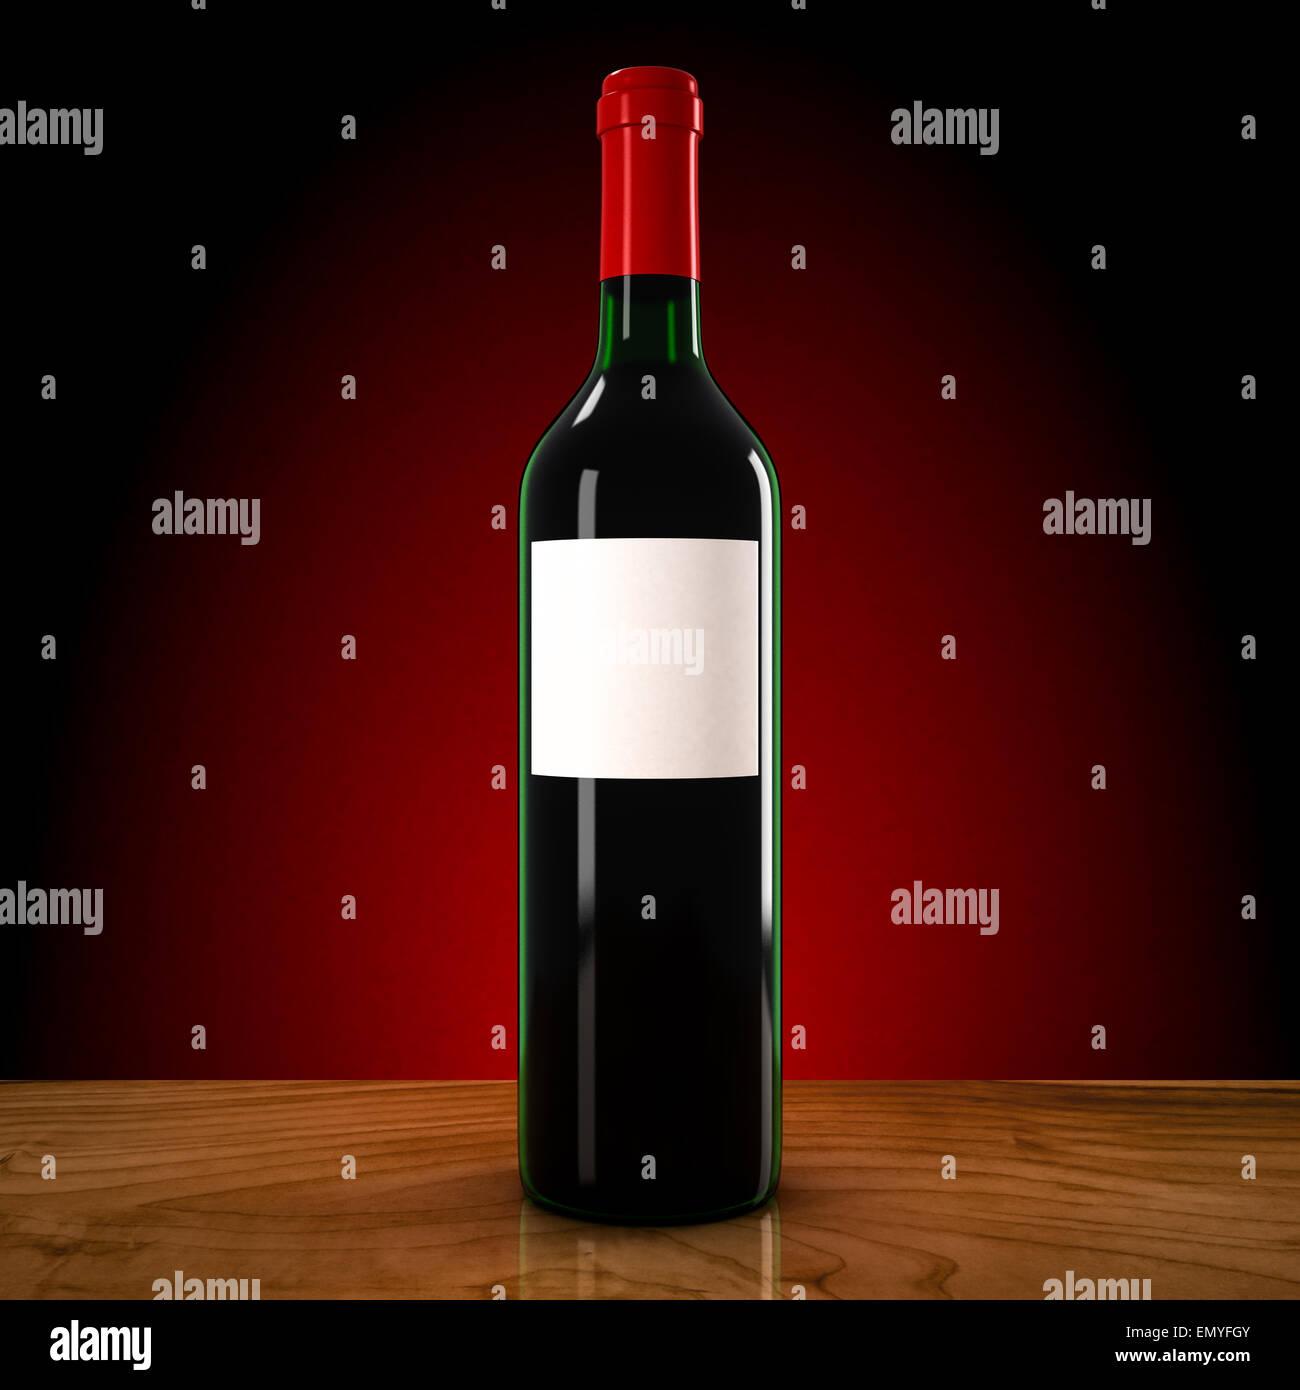 Weinflasche auf rotem Grund Stockbild